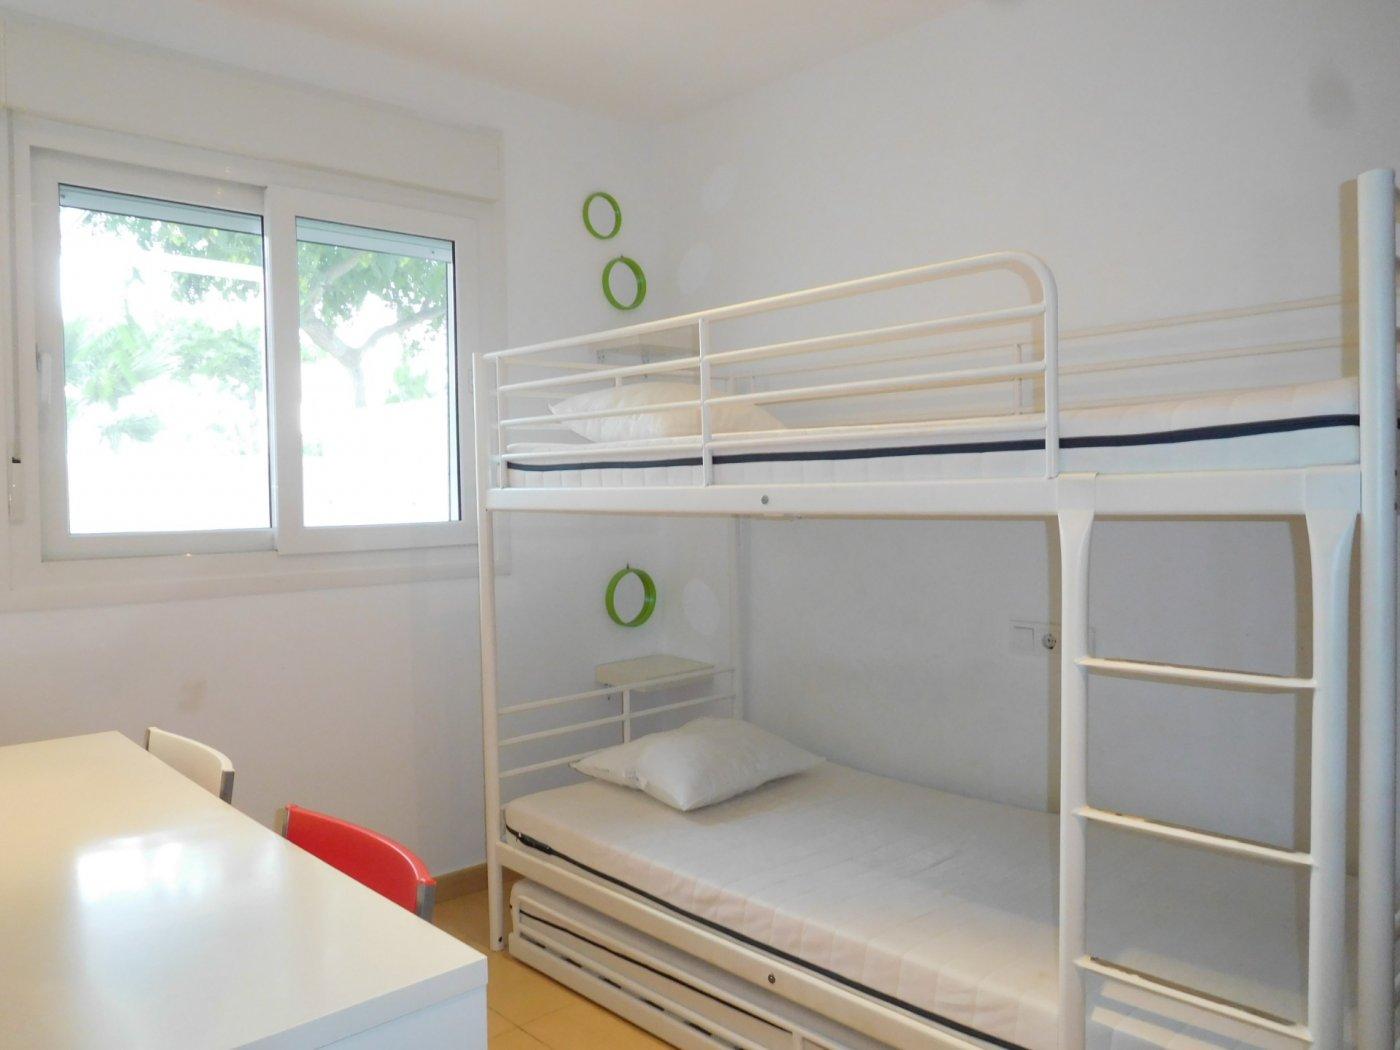 Image 4 Apartment ref 3265-03013 for rent in Condado De Alhama Spain - Quality Homes Costa Cálida